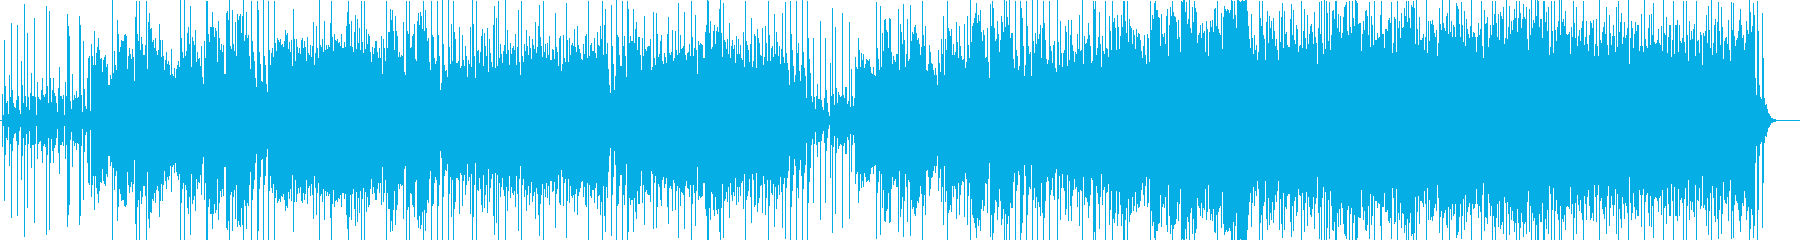 青空の爽やかさの再生済みの波形